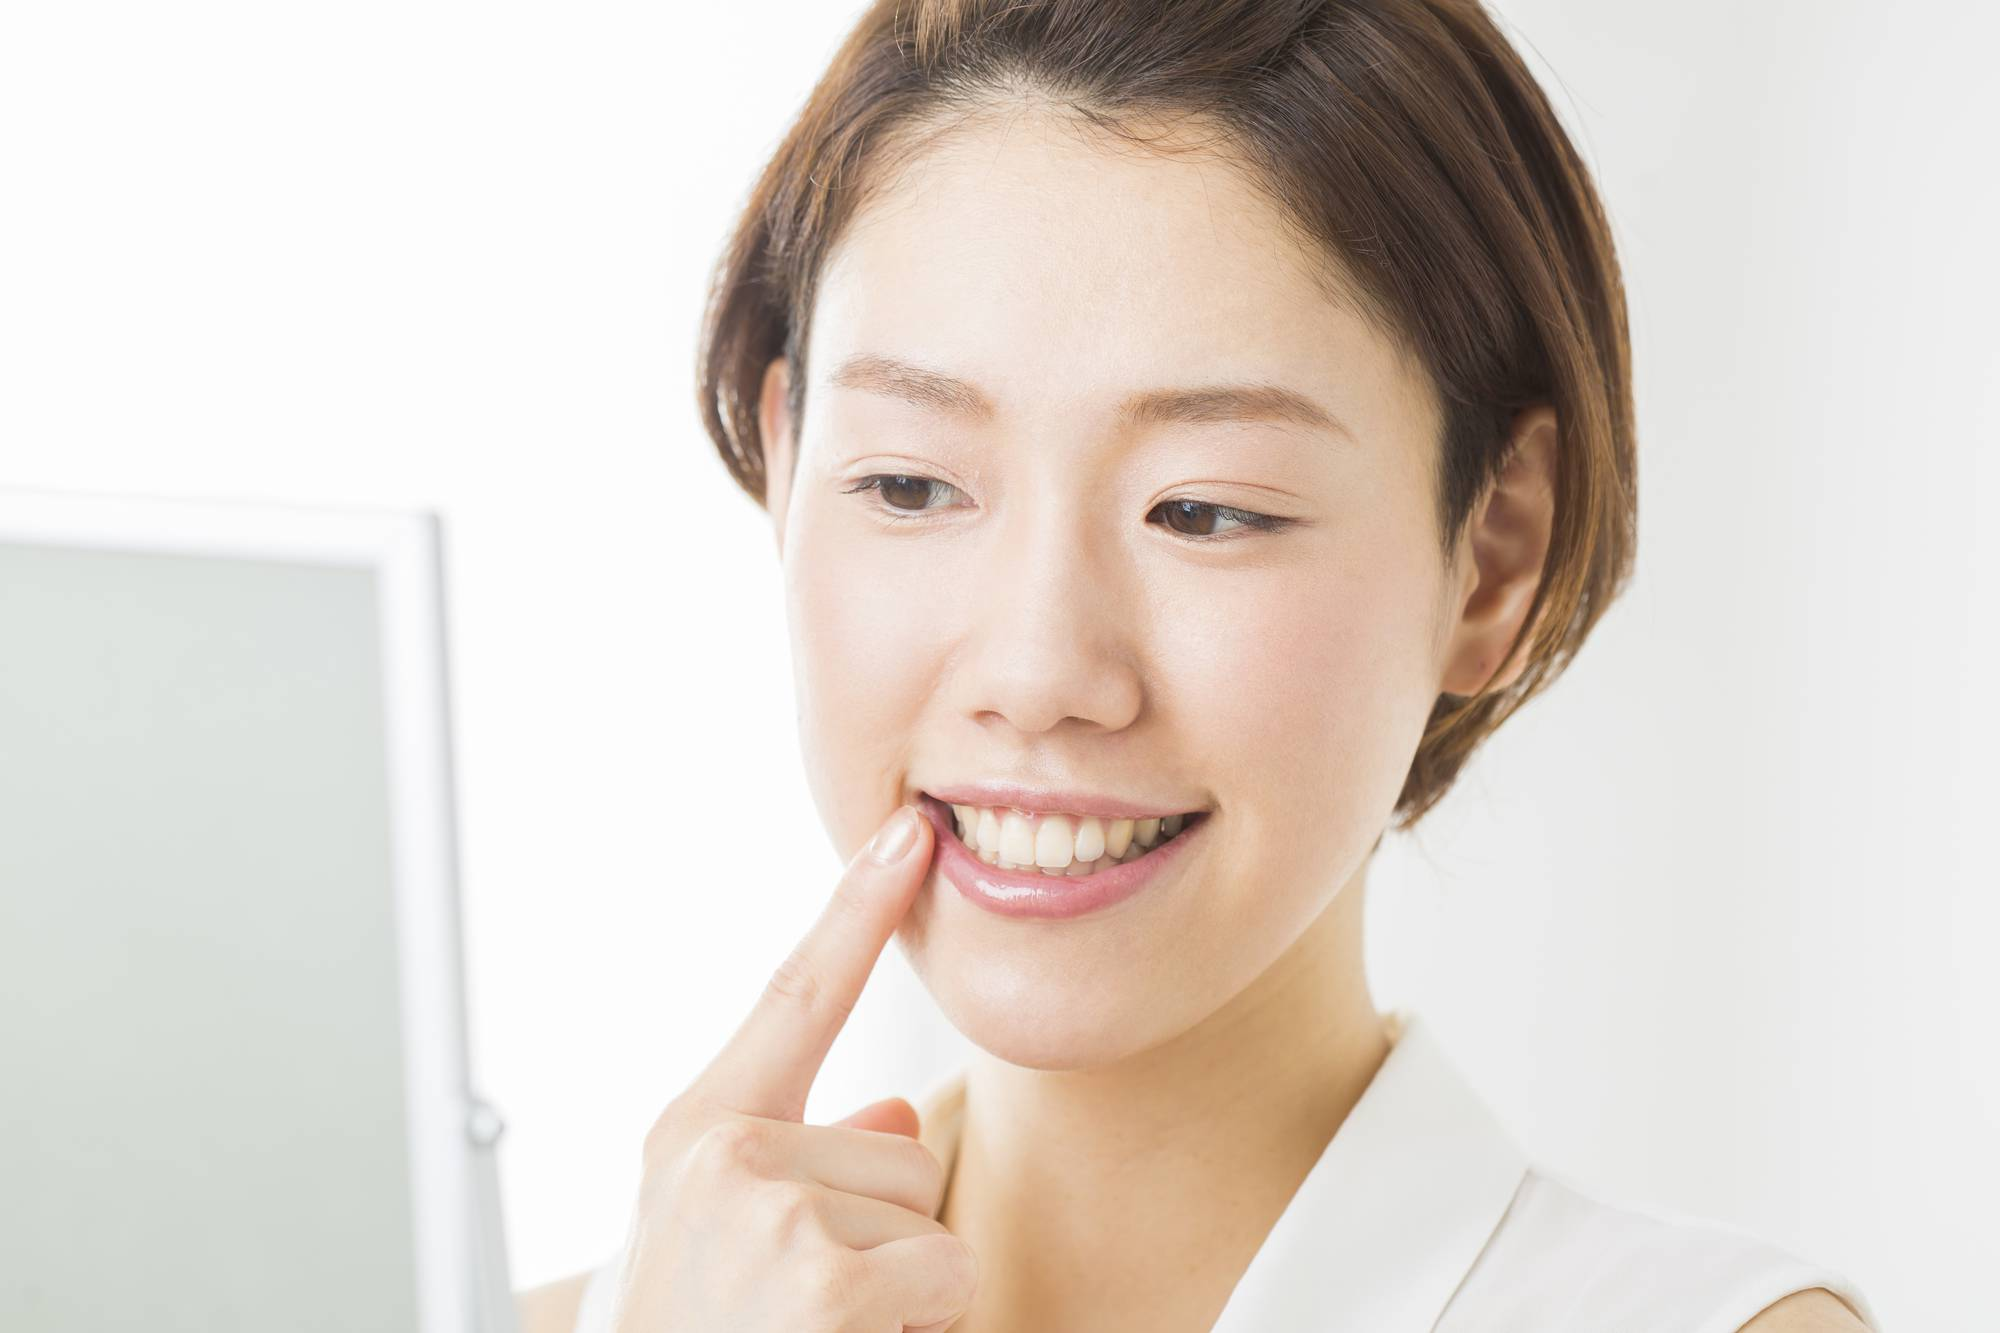 鏡で歯をチェックする女性